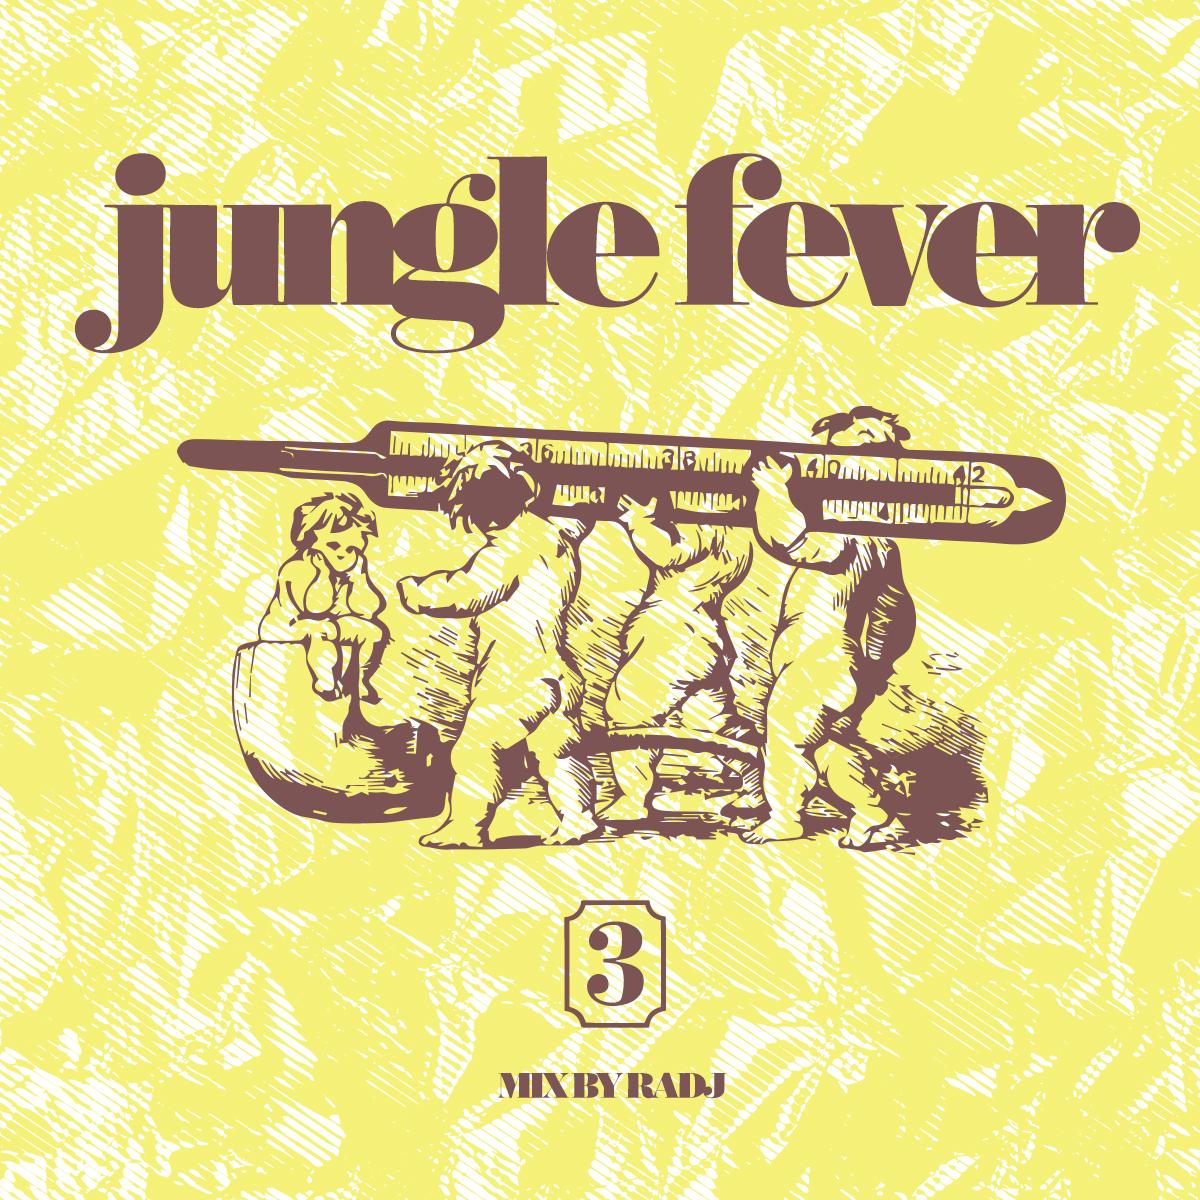 junglefver3